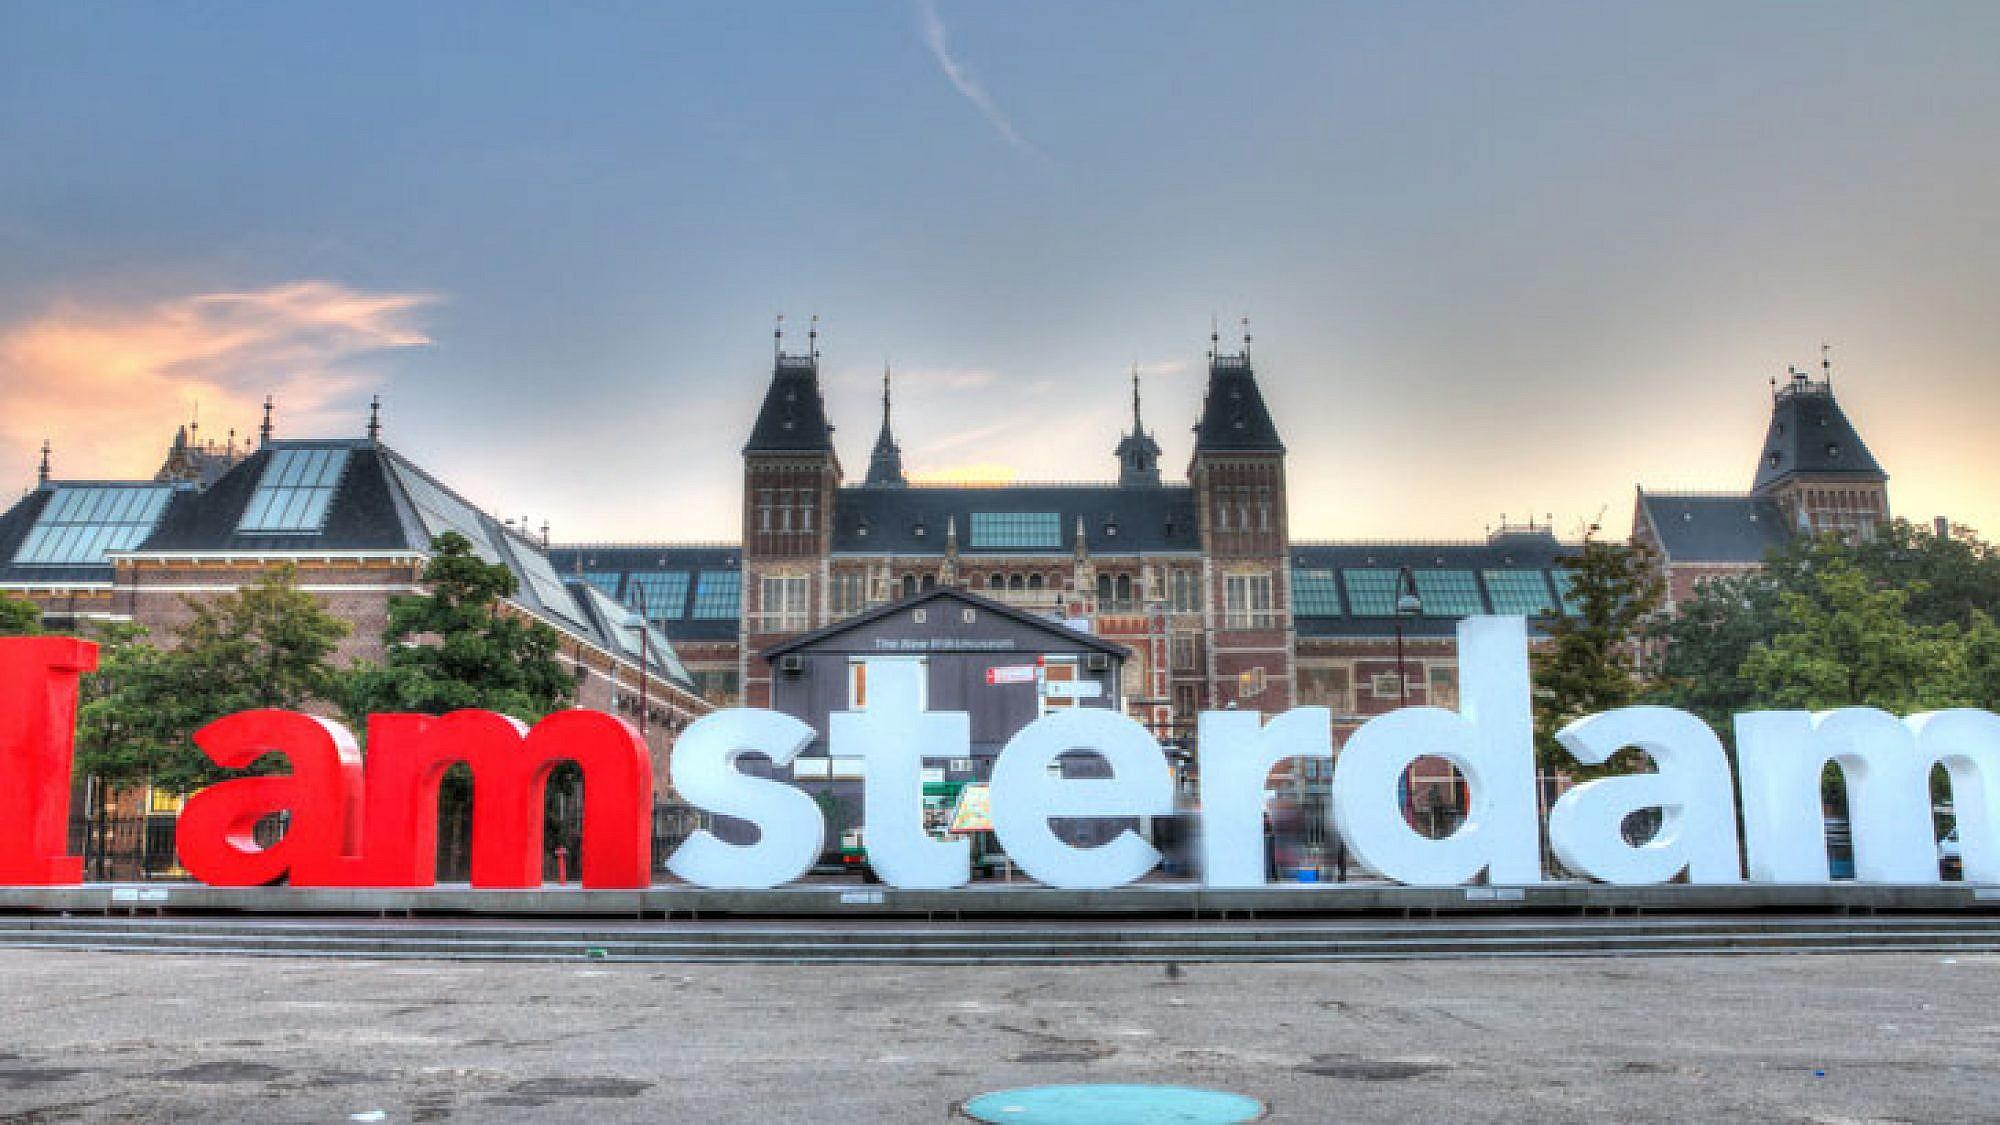 בניגוד למה שמקובל לחשוב אמסטרדם היא עיר ידידותית מאוד לילדים | צלם: שאטרסטוק, א.ס.א.פ קריאייטיב